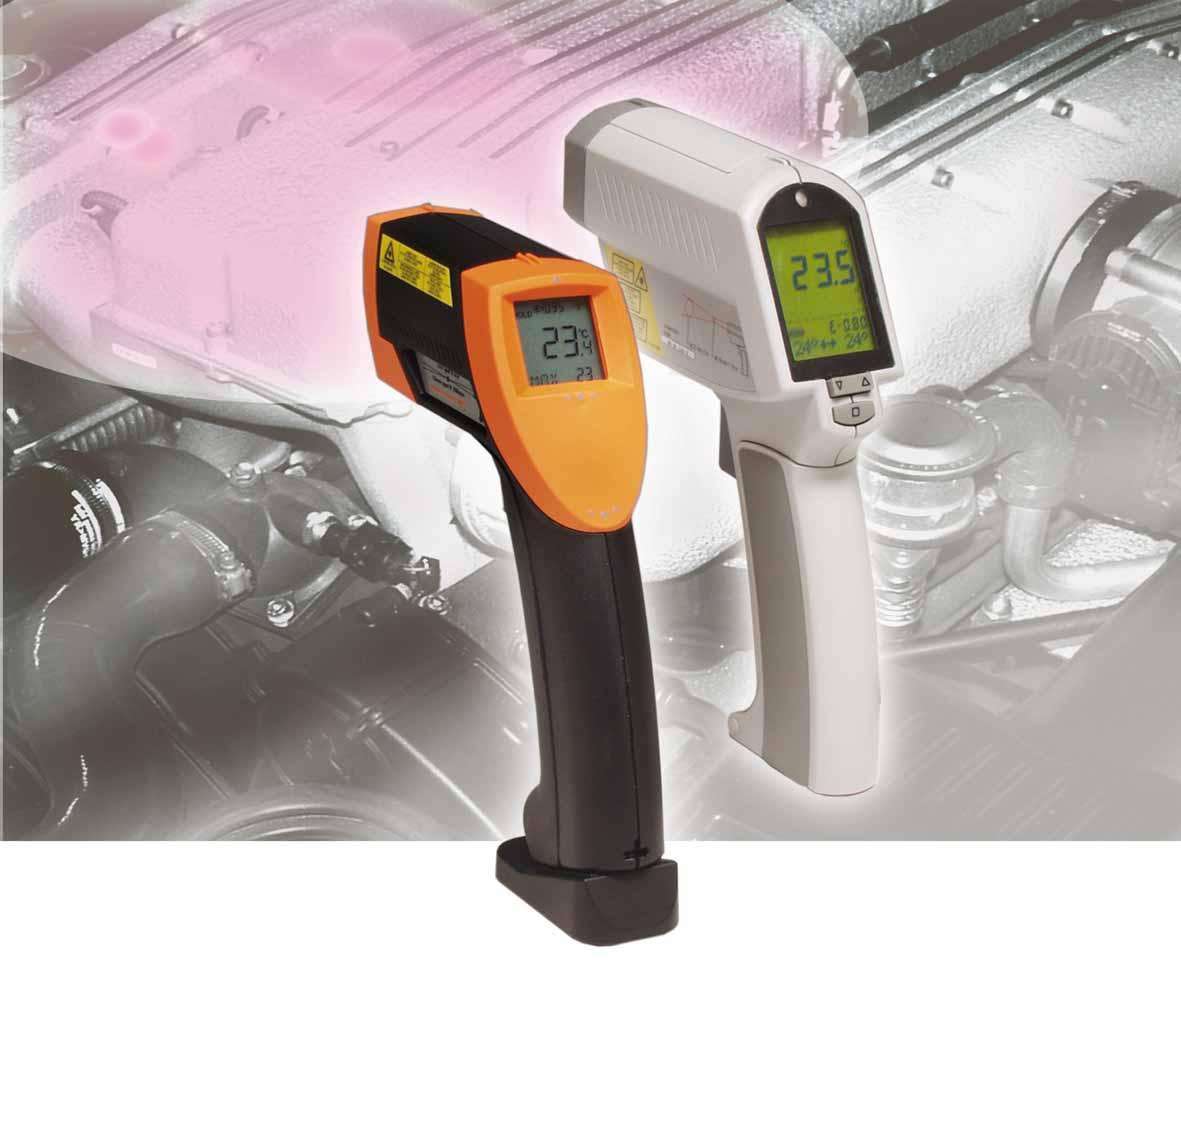 فروش انواع ترمو متر لیزری و تماسی، دماسنج تماسی و دماسنج غیر تماسی یا لیزری